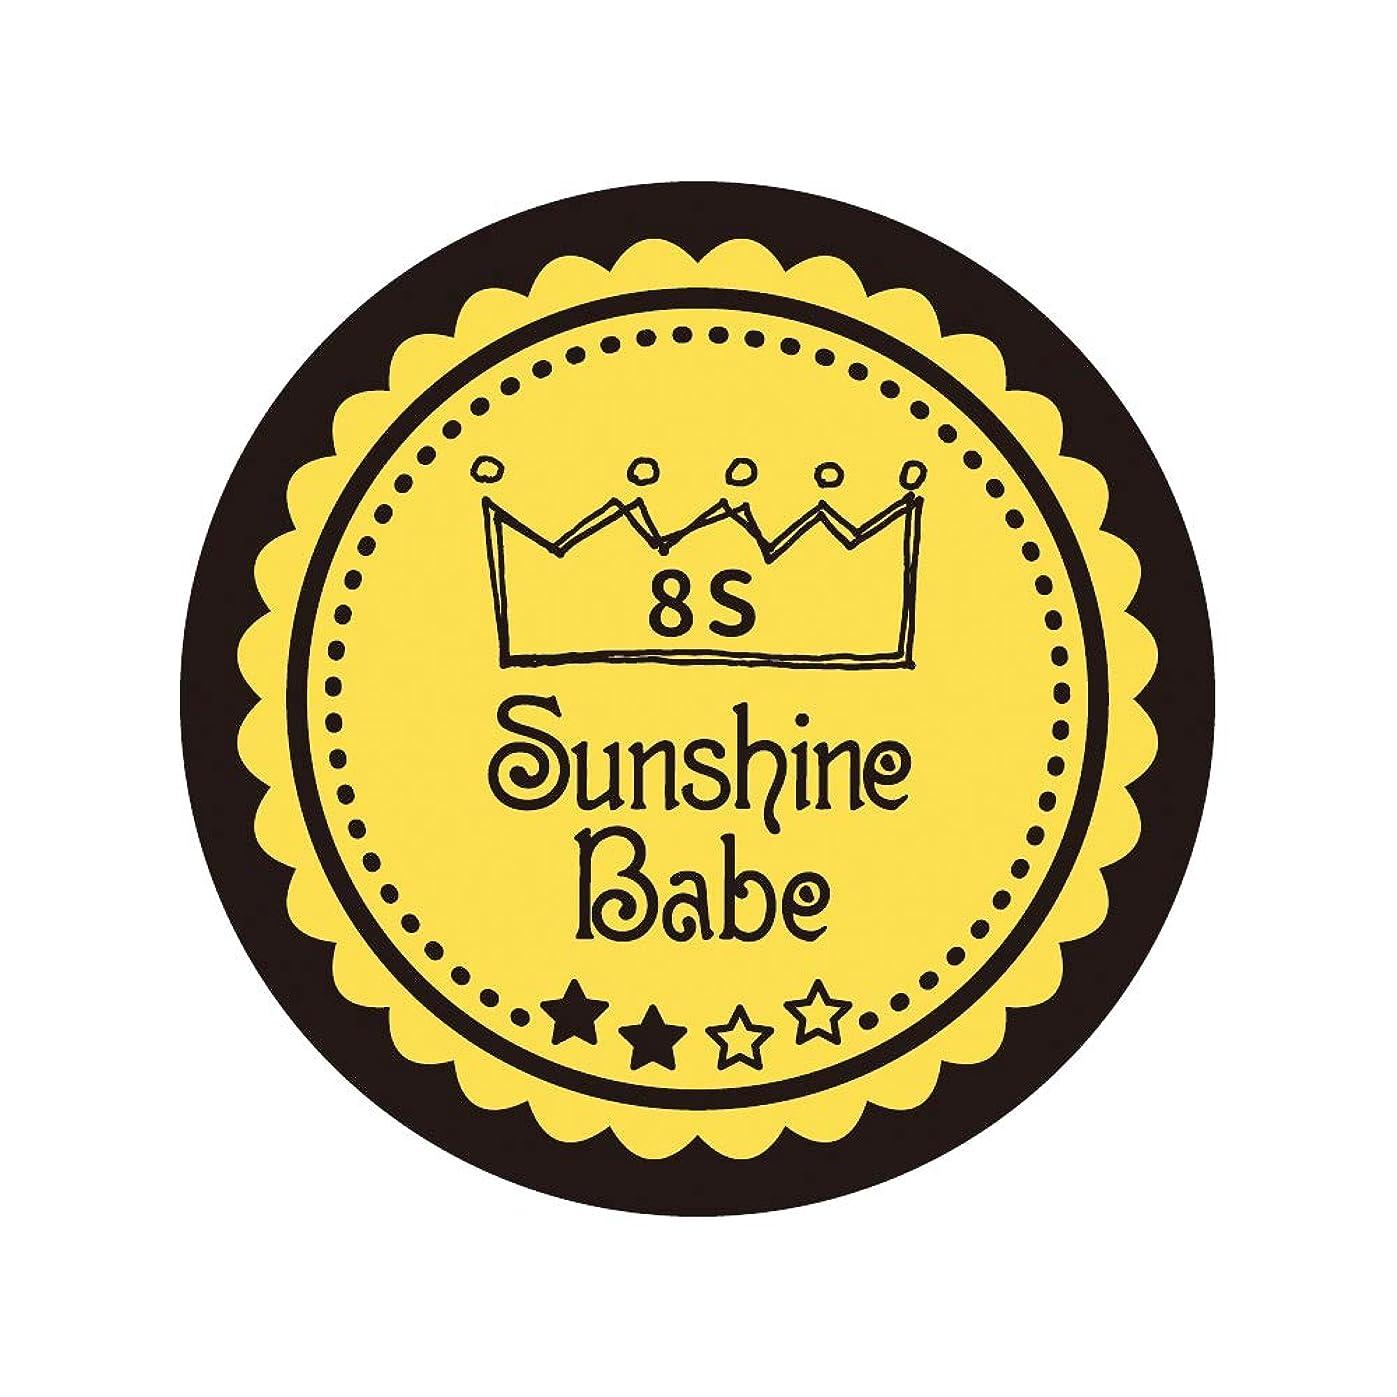 集団的ファランクス爆発するSunshine Babe カラージェル 8S メドウラーク 2.7g UV/LED対応